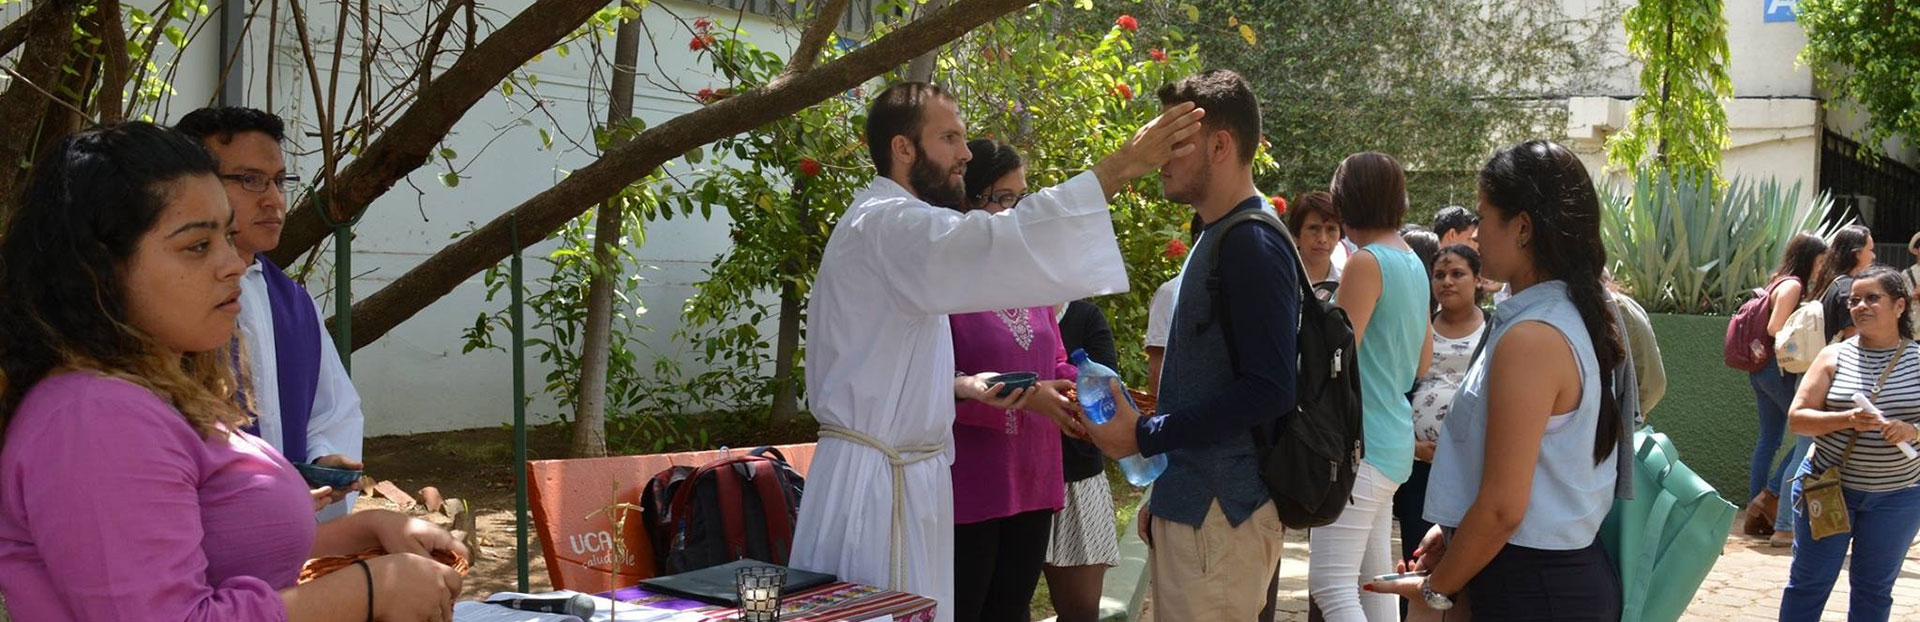 Pour répondre à l'appel vocationnel, se tourner vers saint Joseph